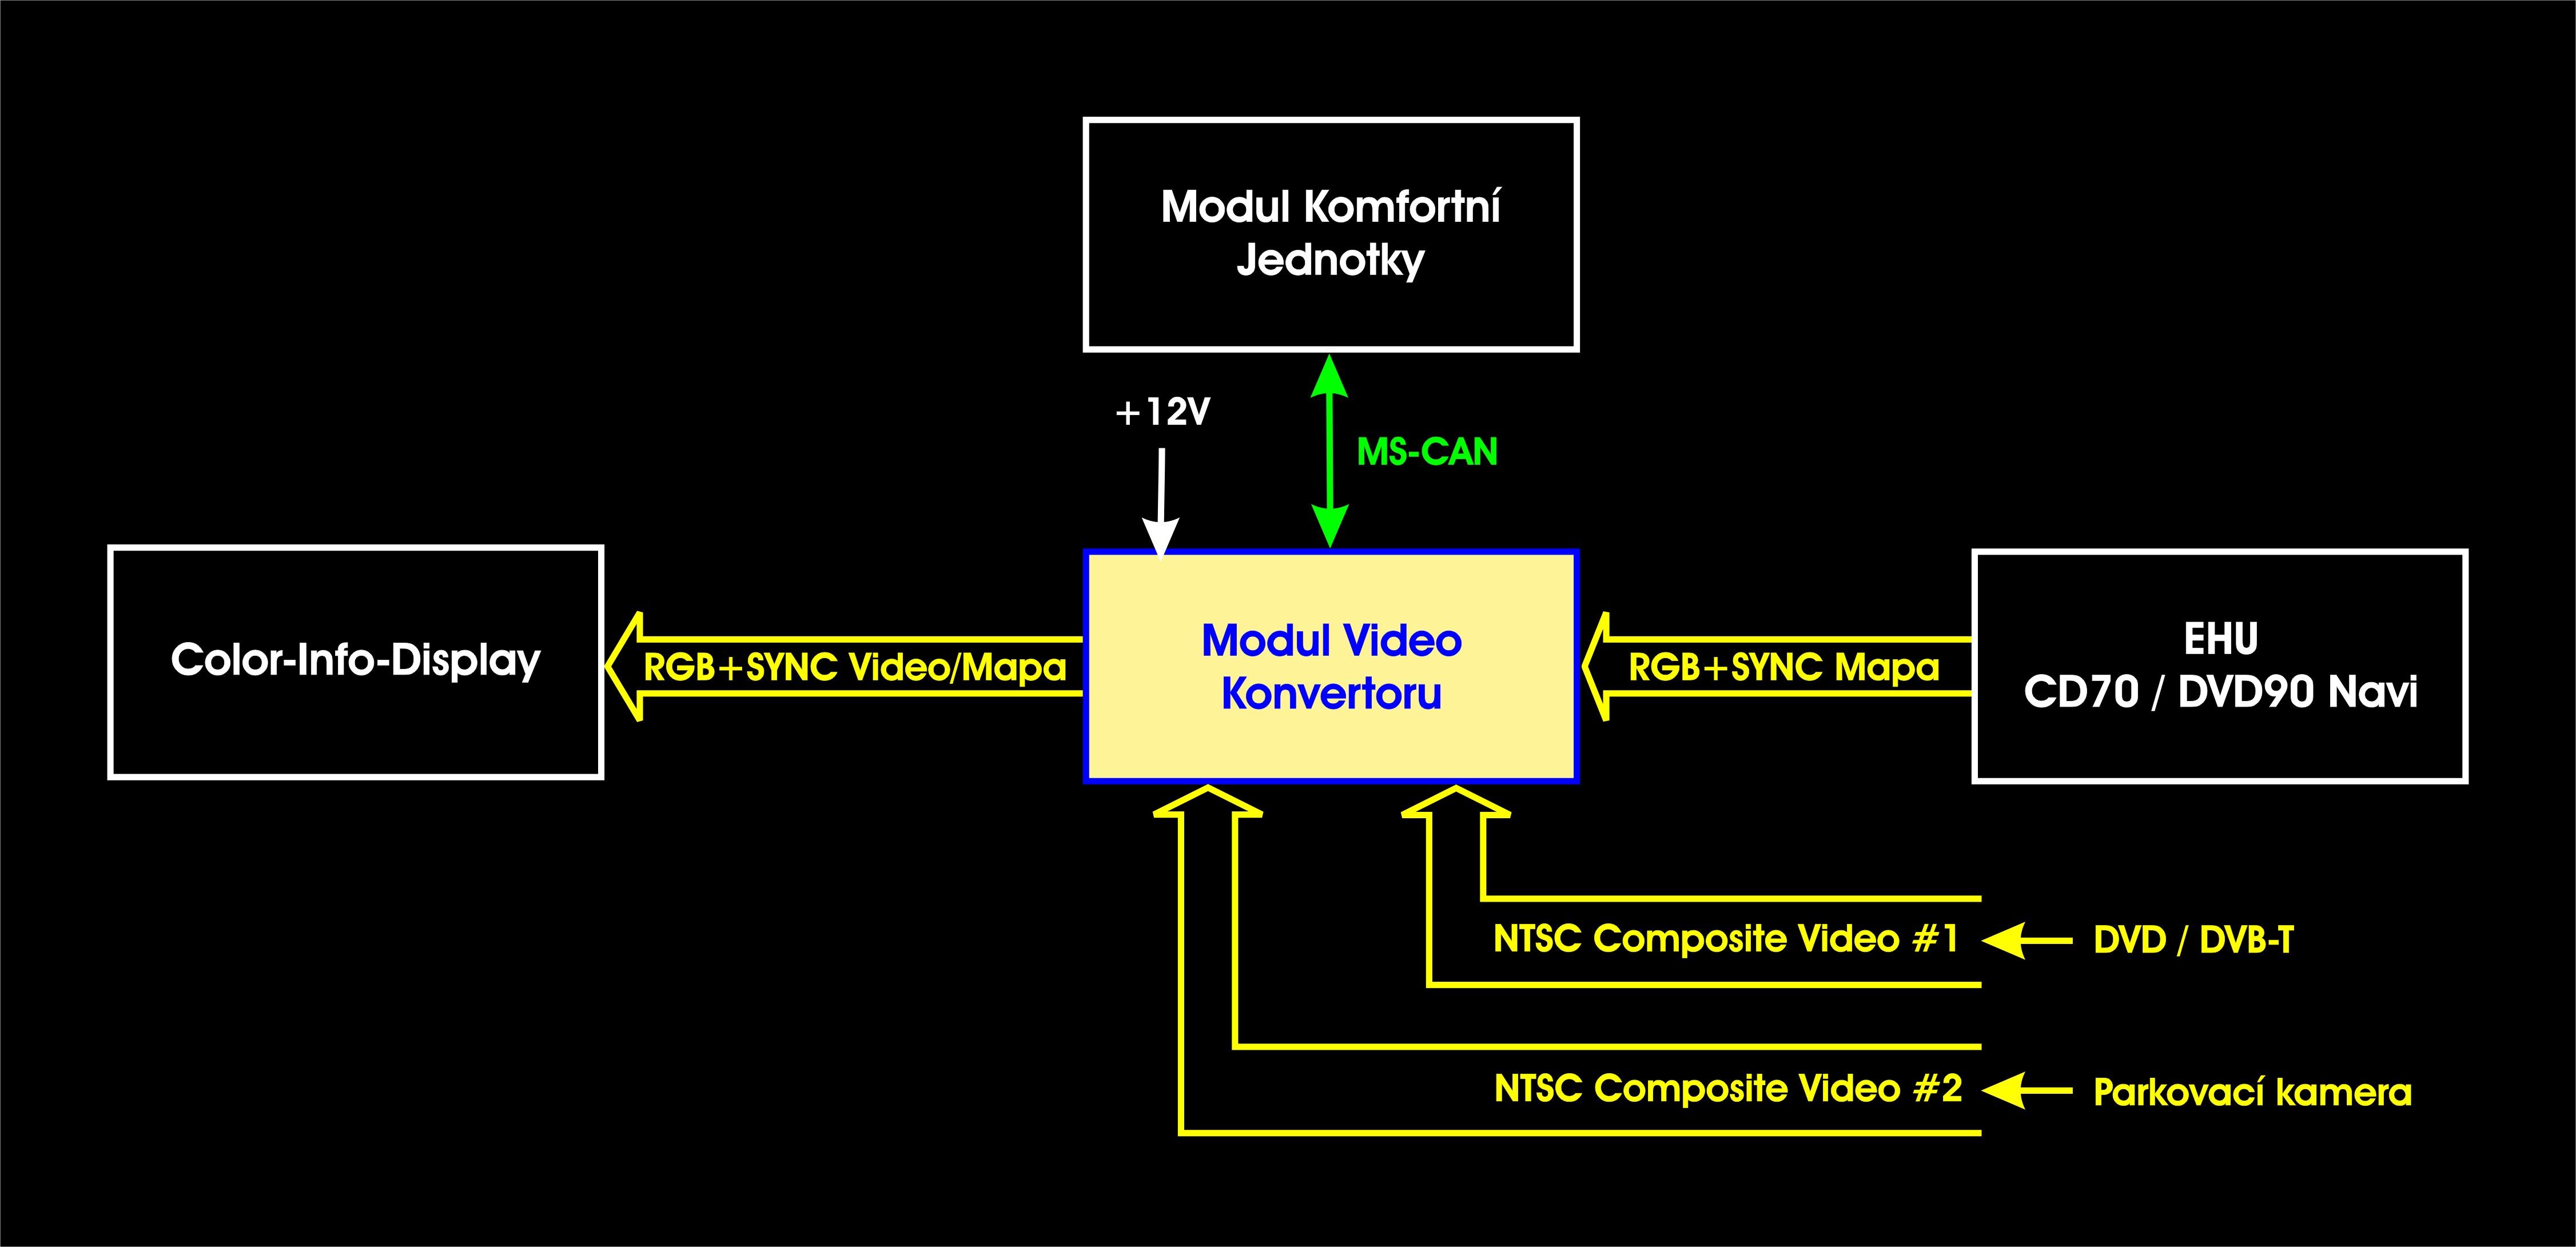 Blokové schéma zapojení jednotky Video Konvertoru ve vozech s CID displejem a navigacemi CD70 / DVD90 Navi